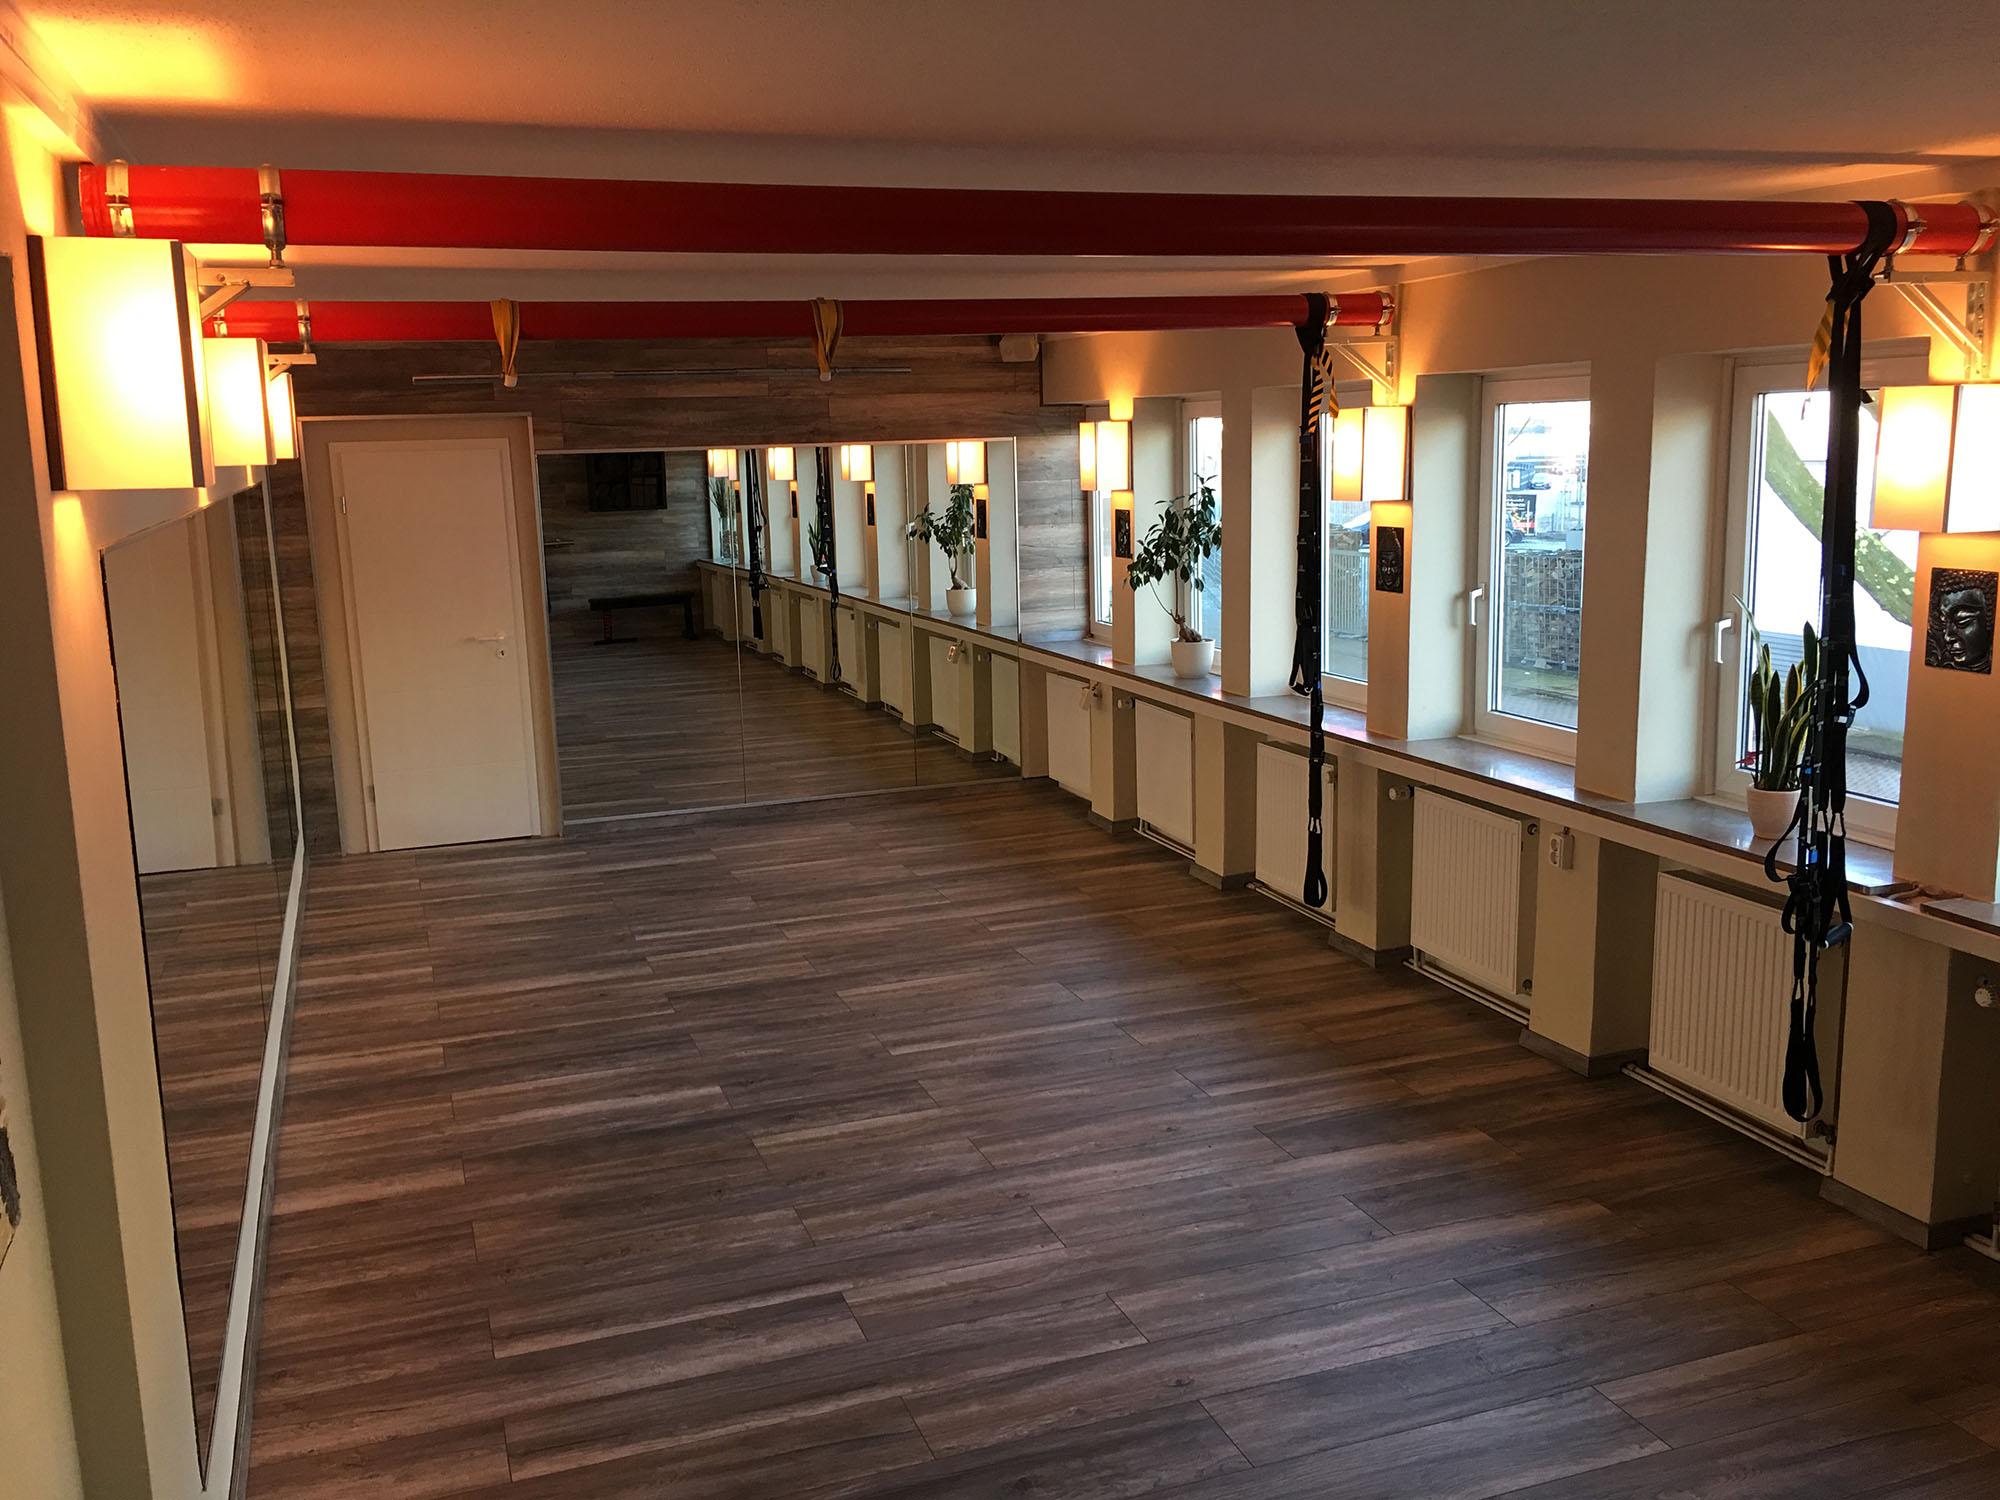 Der neue Kursraum im TherapieCentrum Fred Elges mit Blick auf die Tür